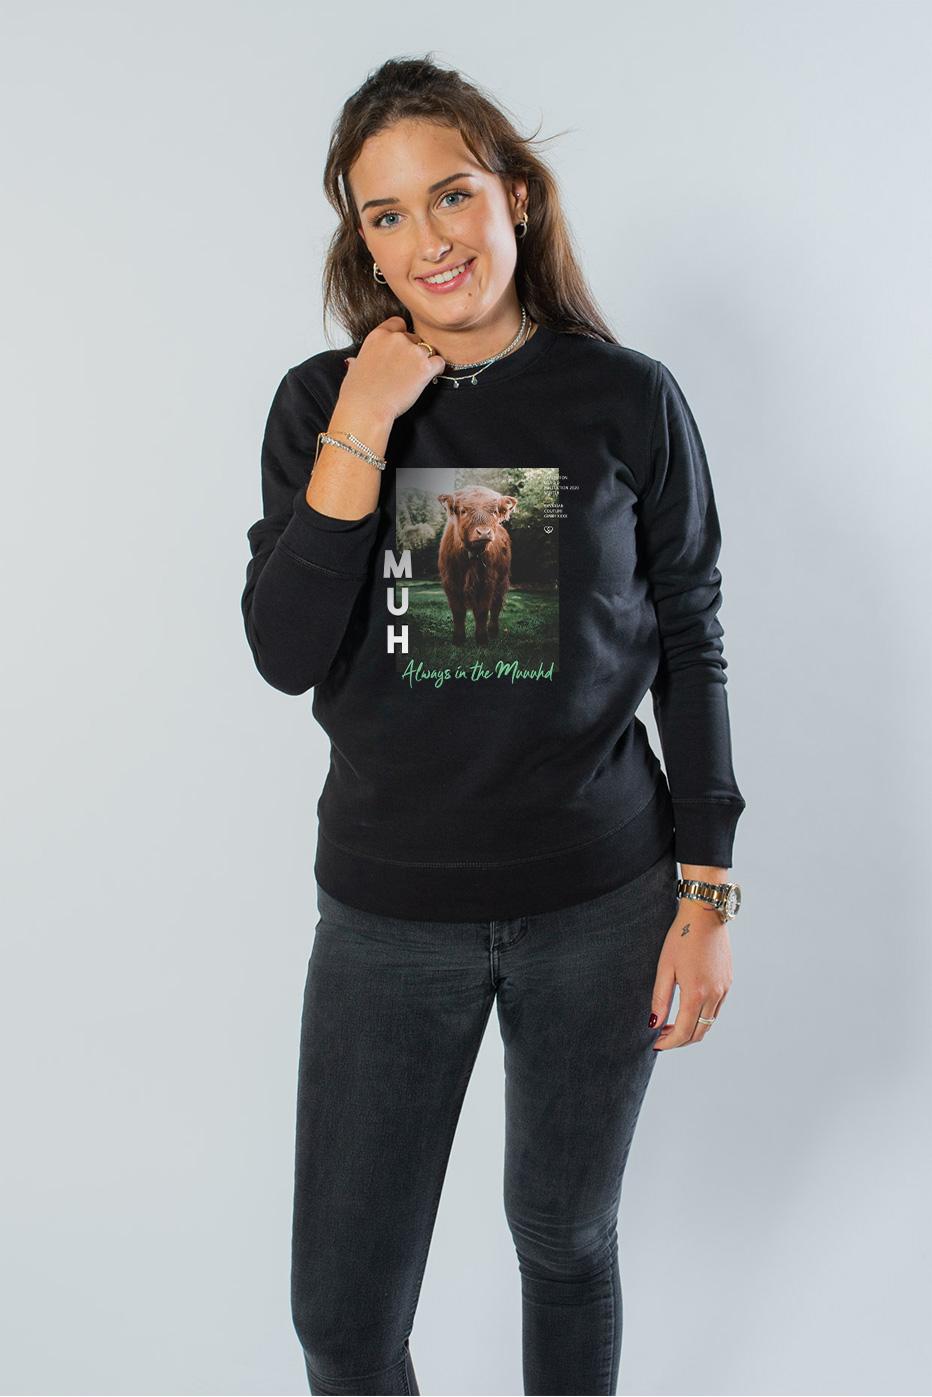 Muuuh Unisex Sweater